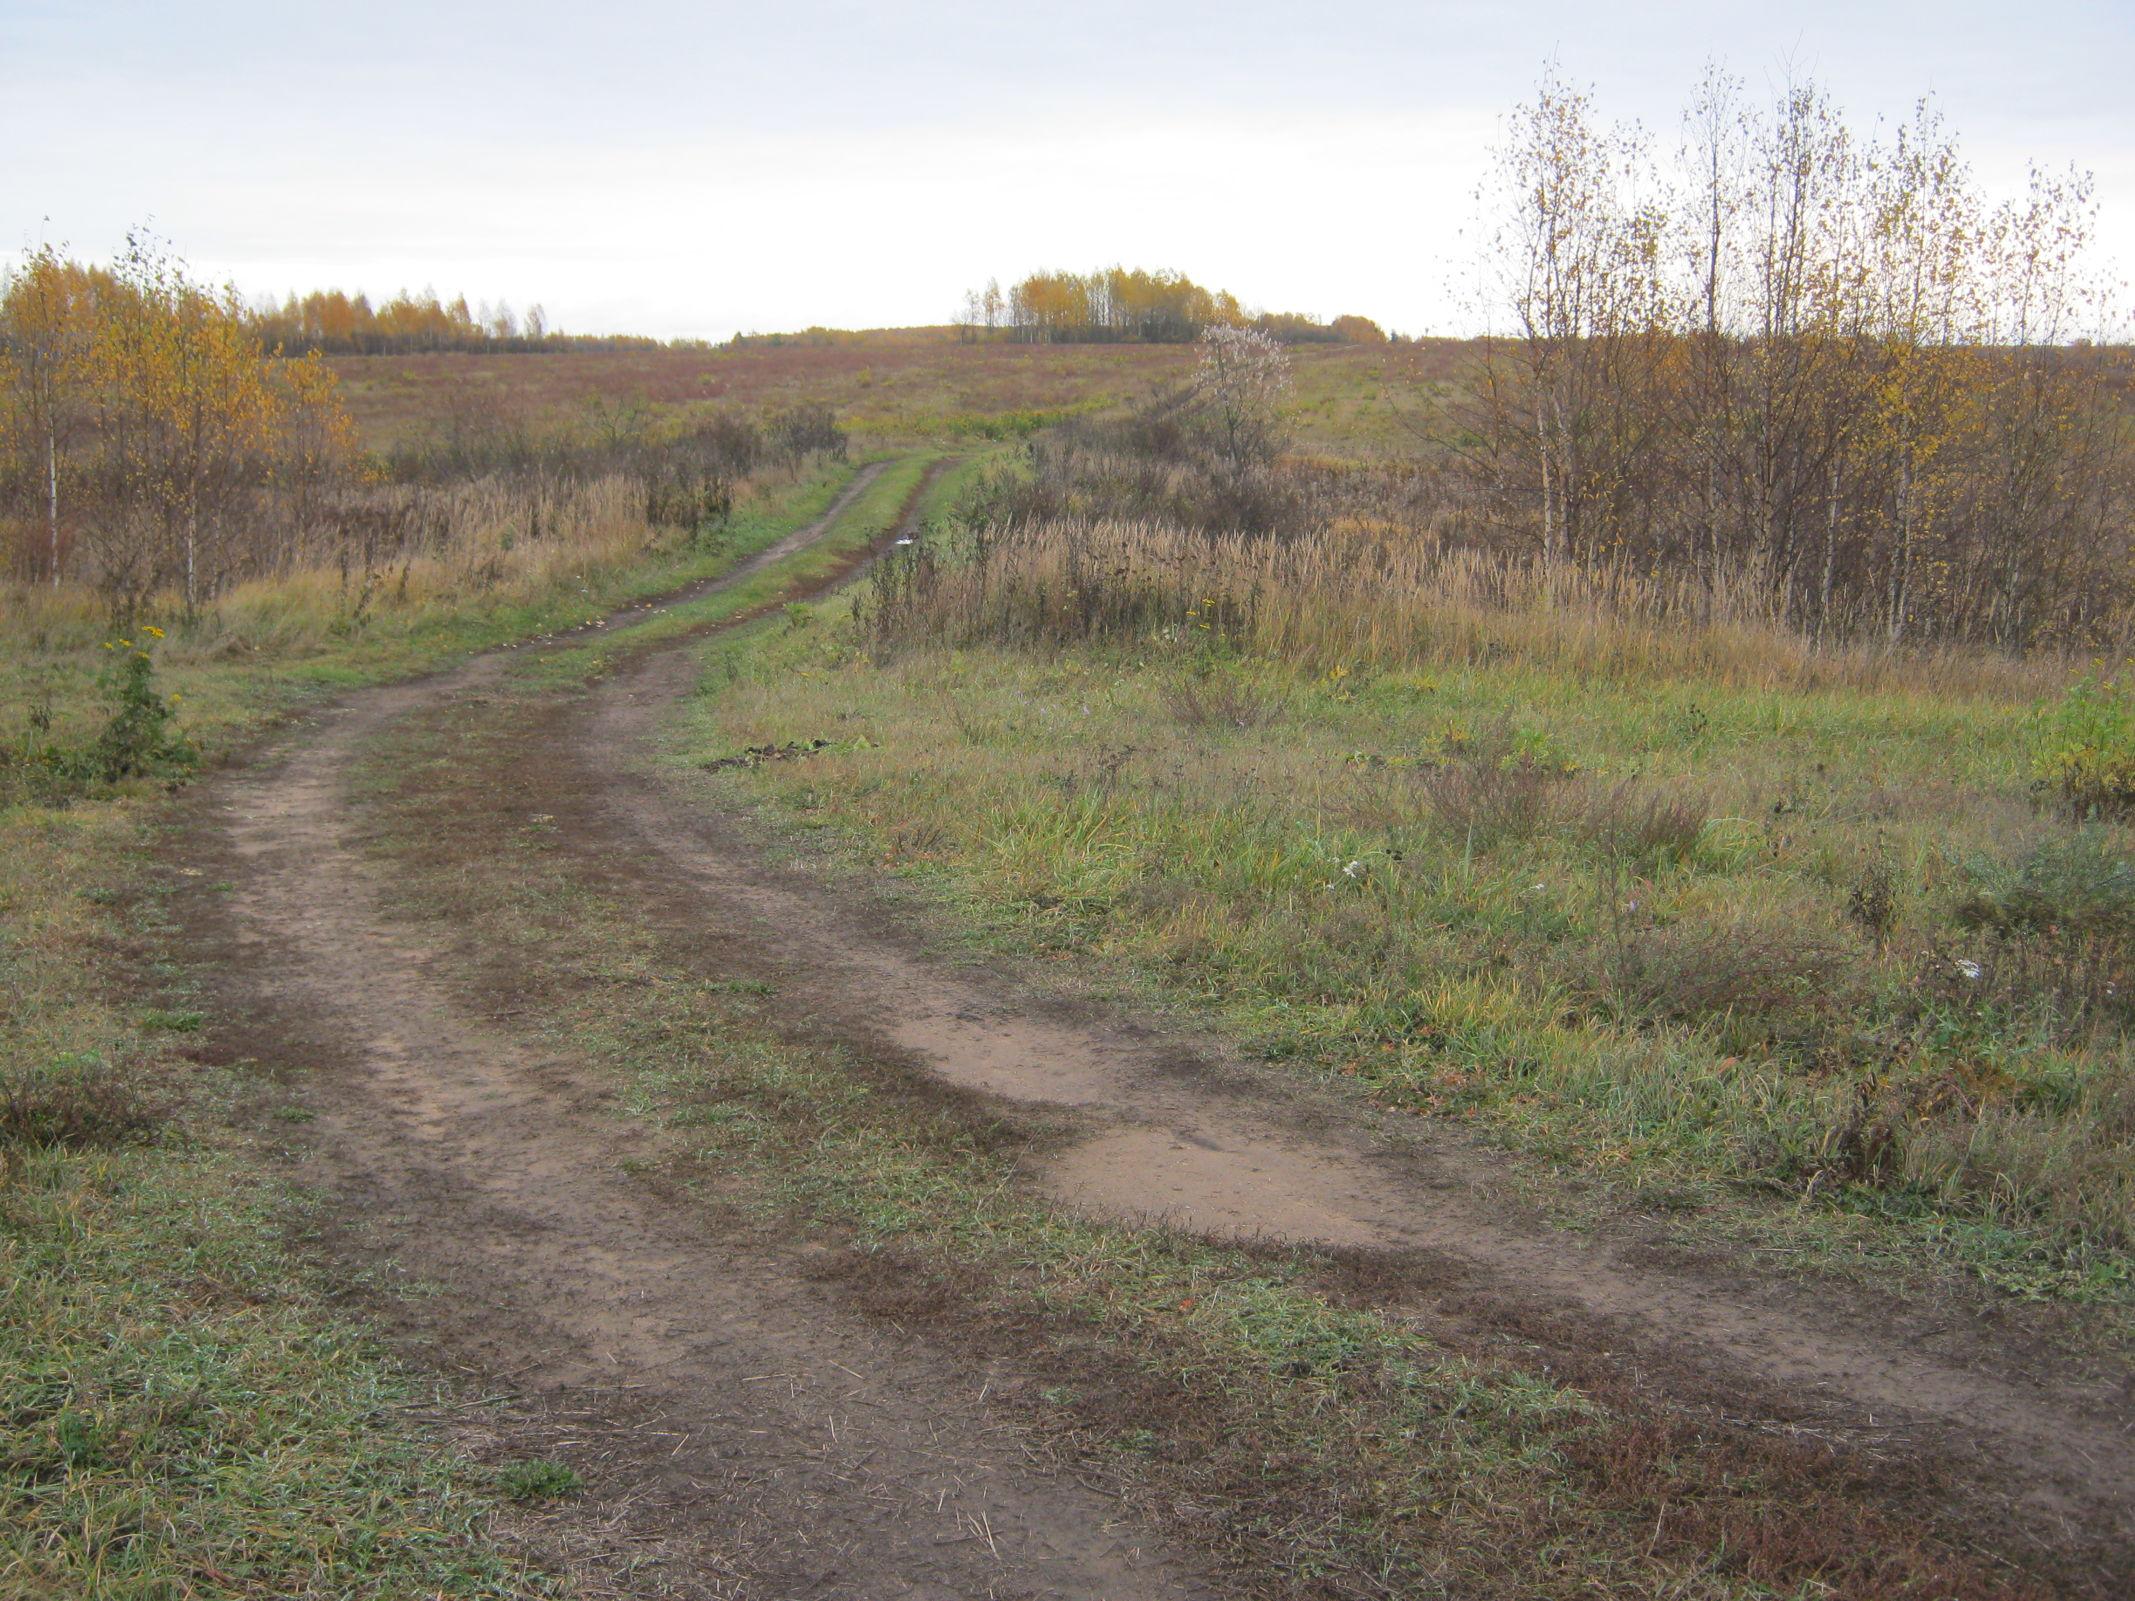 В Ярославской области близ населенного пункта на беременную женщину напал волк